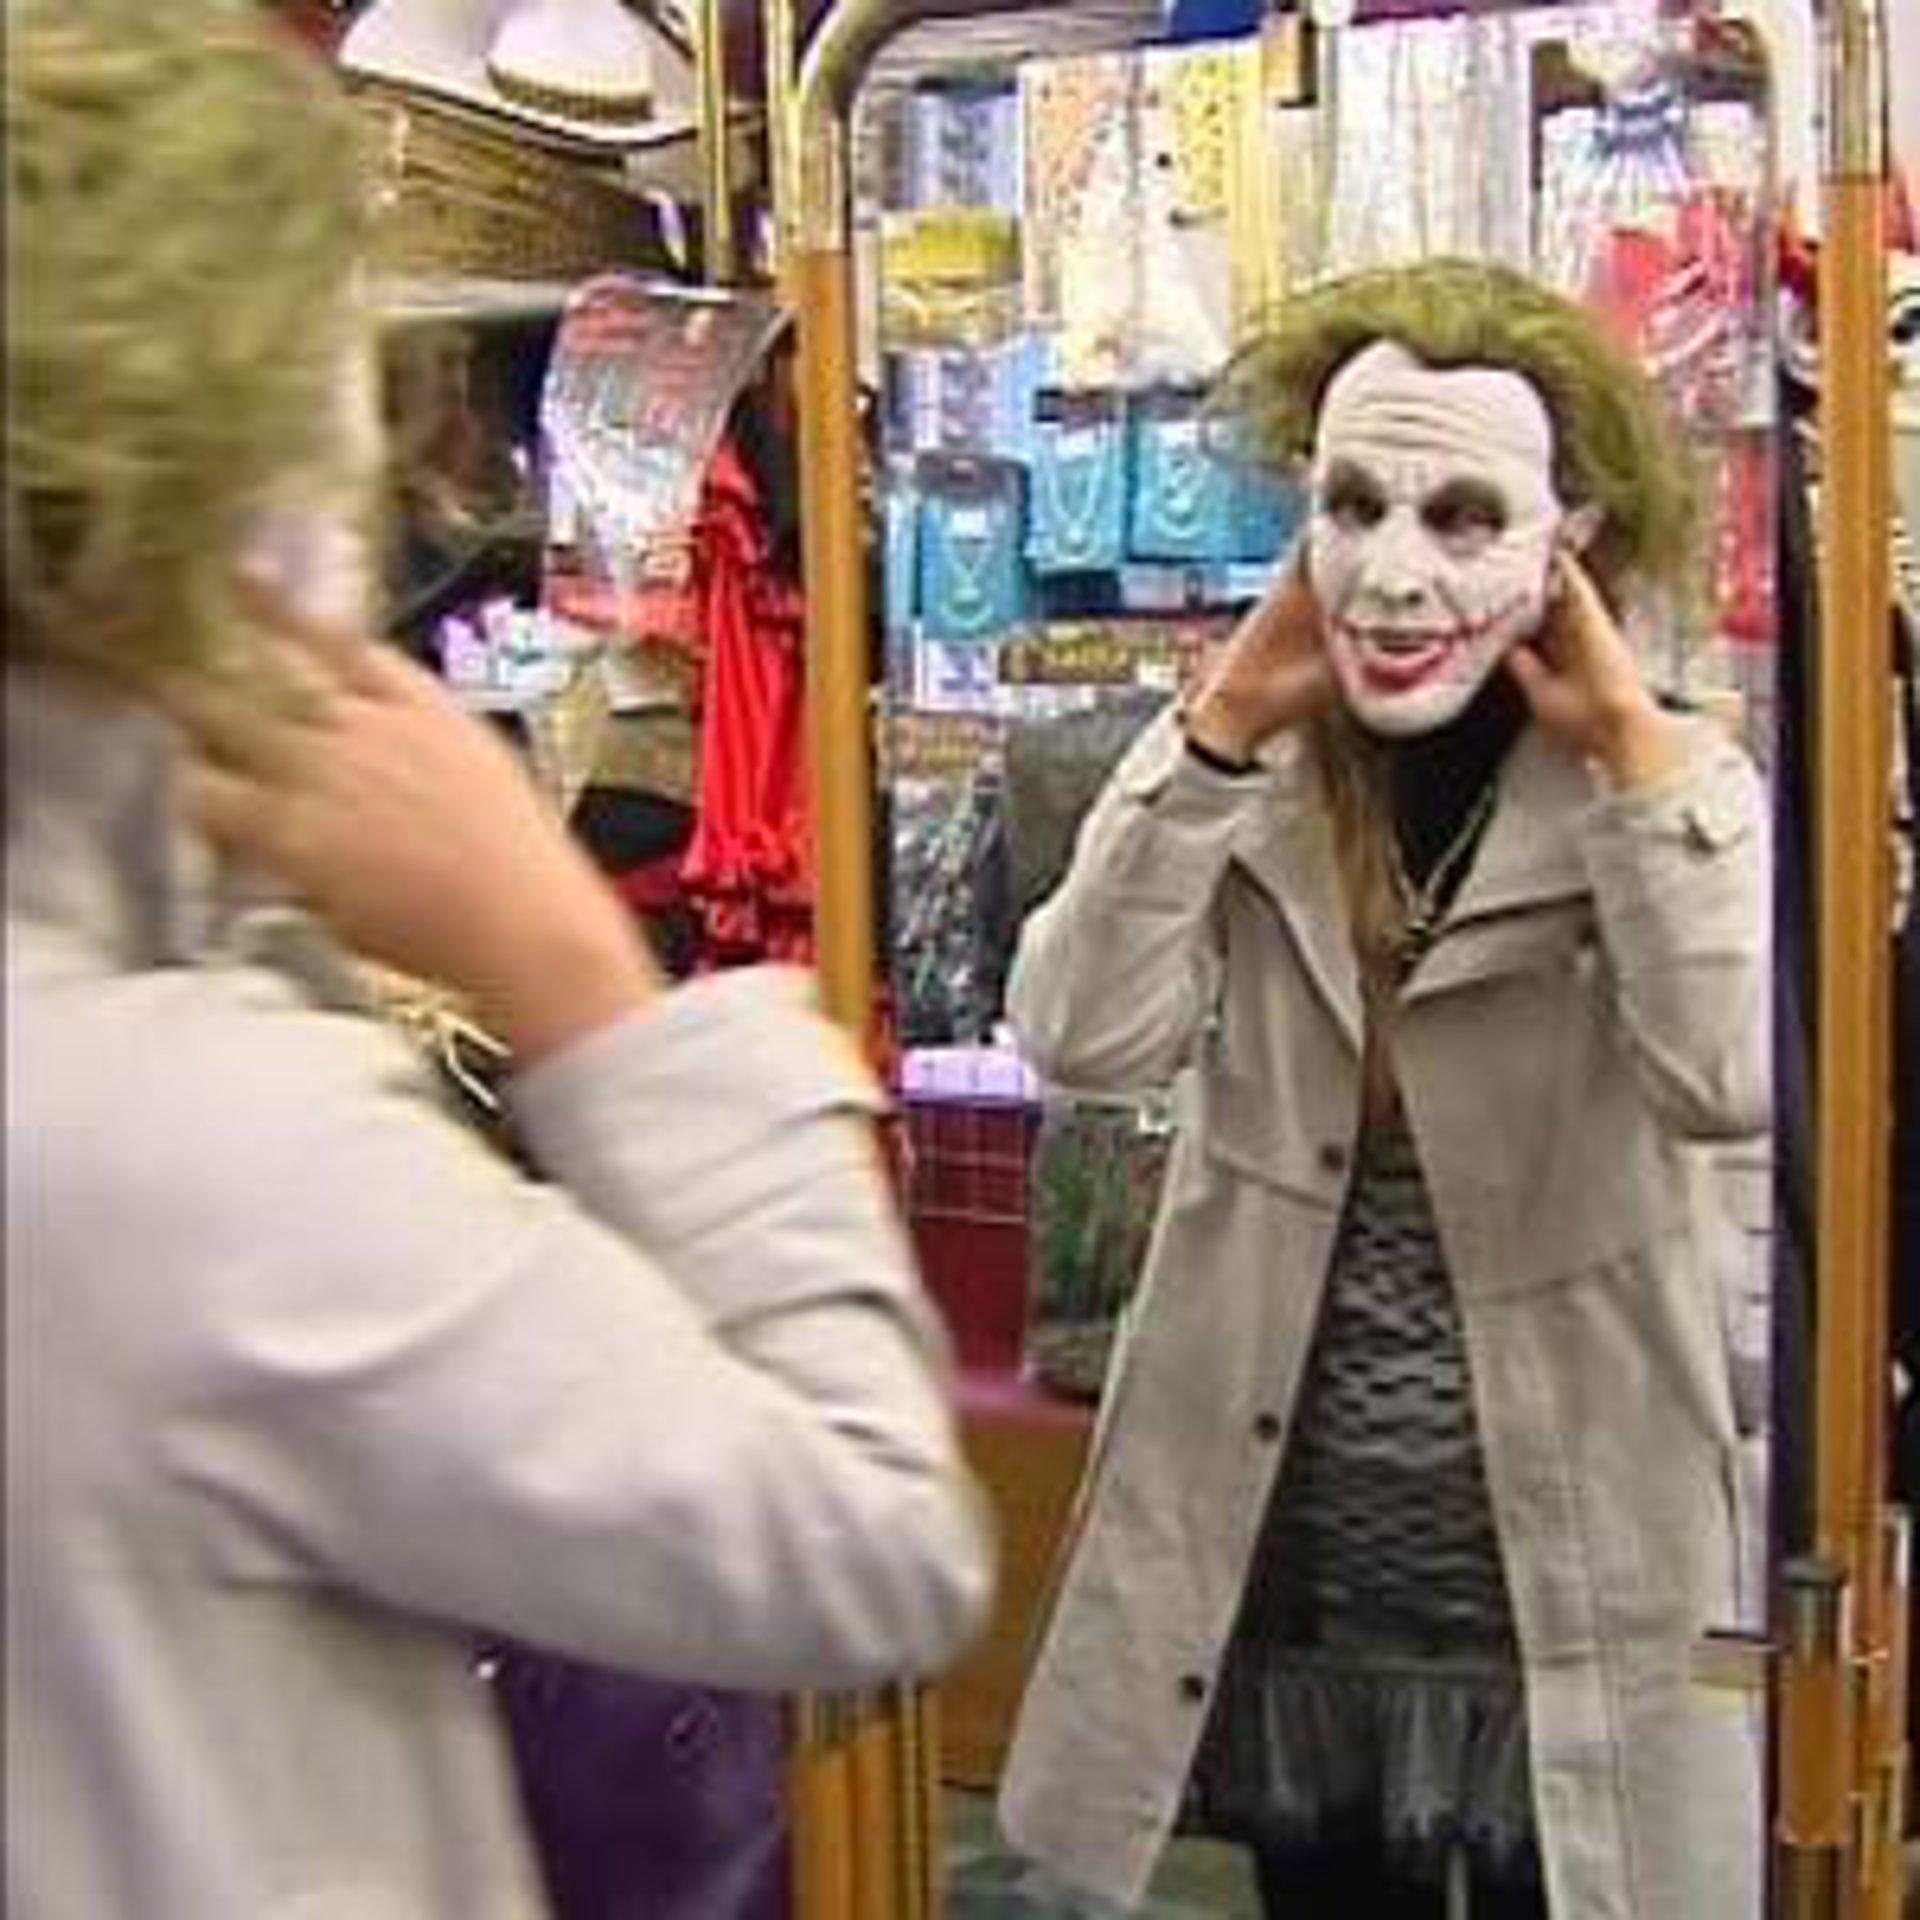 La crisis hace que Halloween se celebre con menos disfraces más económicos 379e825bf1c6